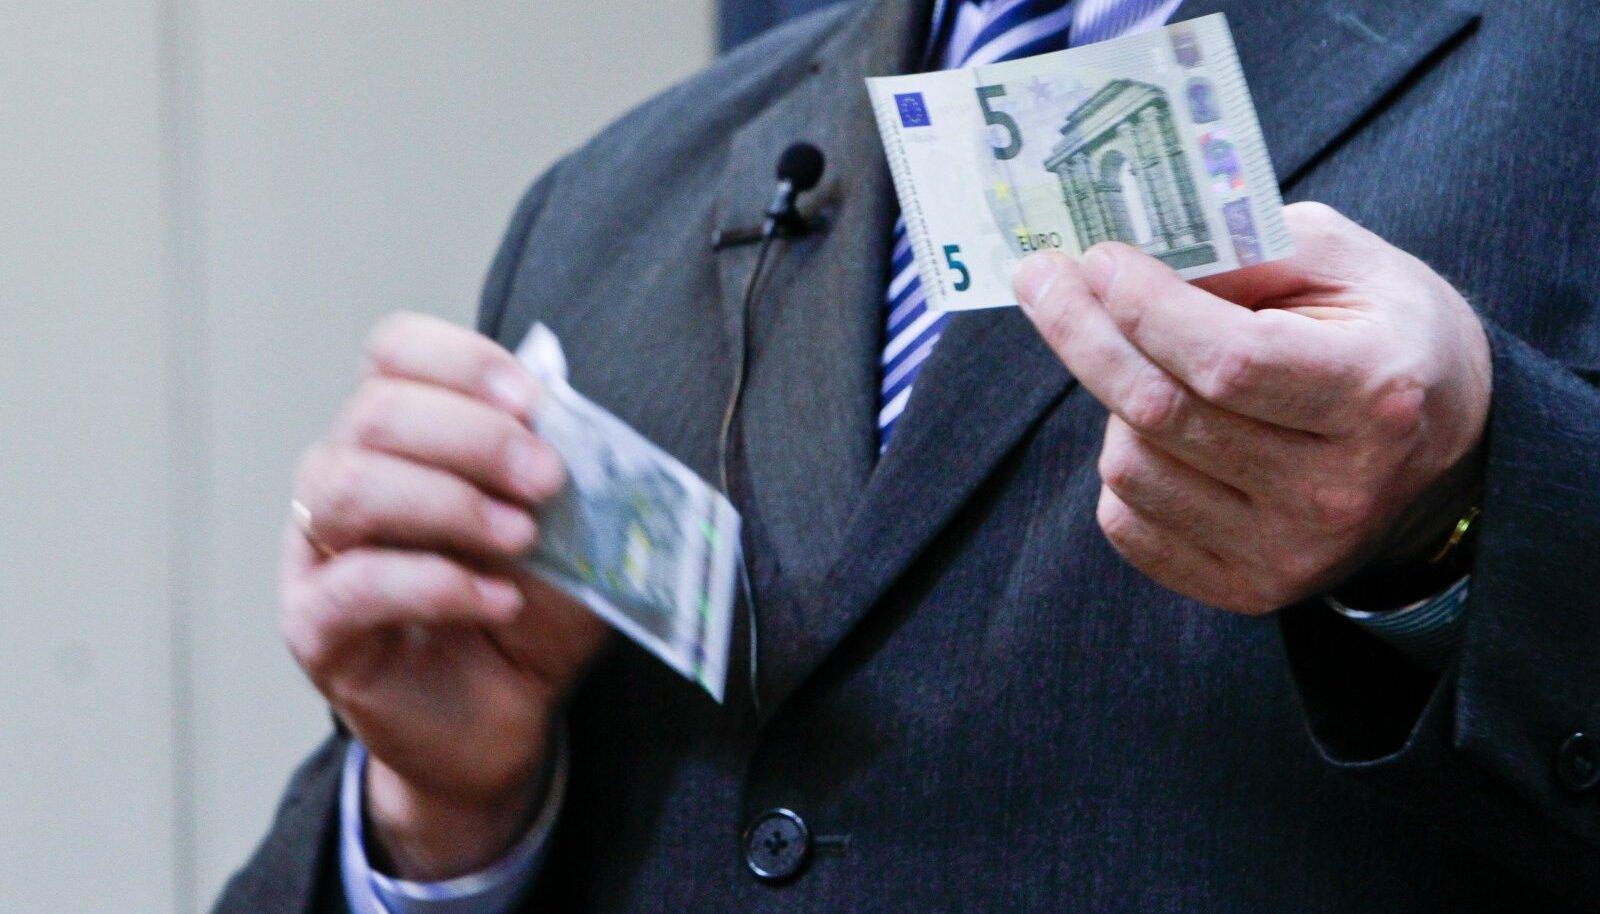 Uus 5 eurone rahatäht